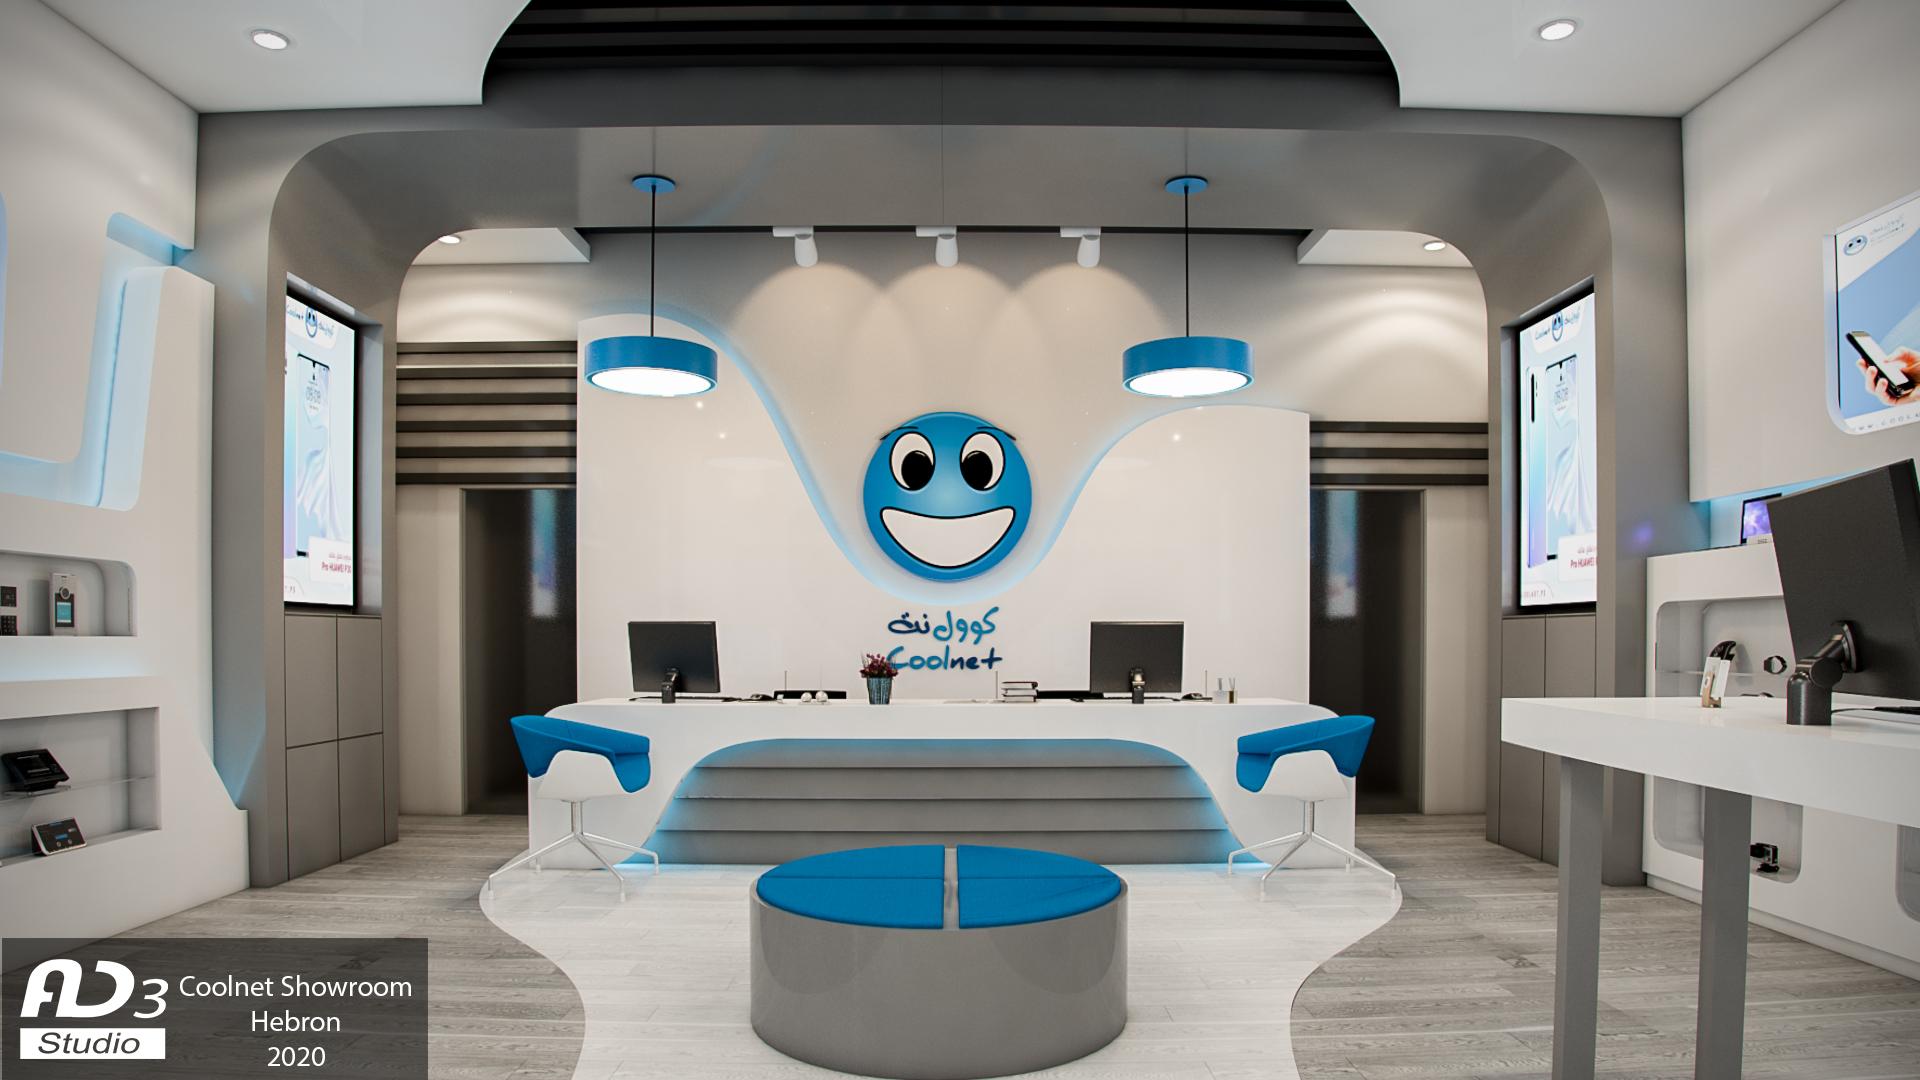 Coolnet Showroom - Hebron